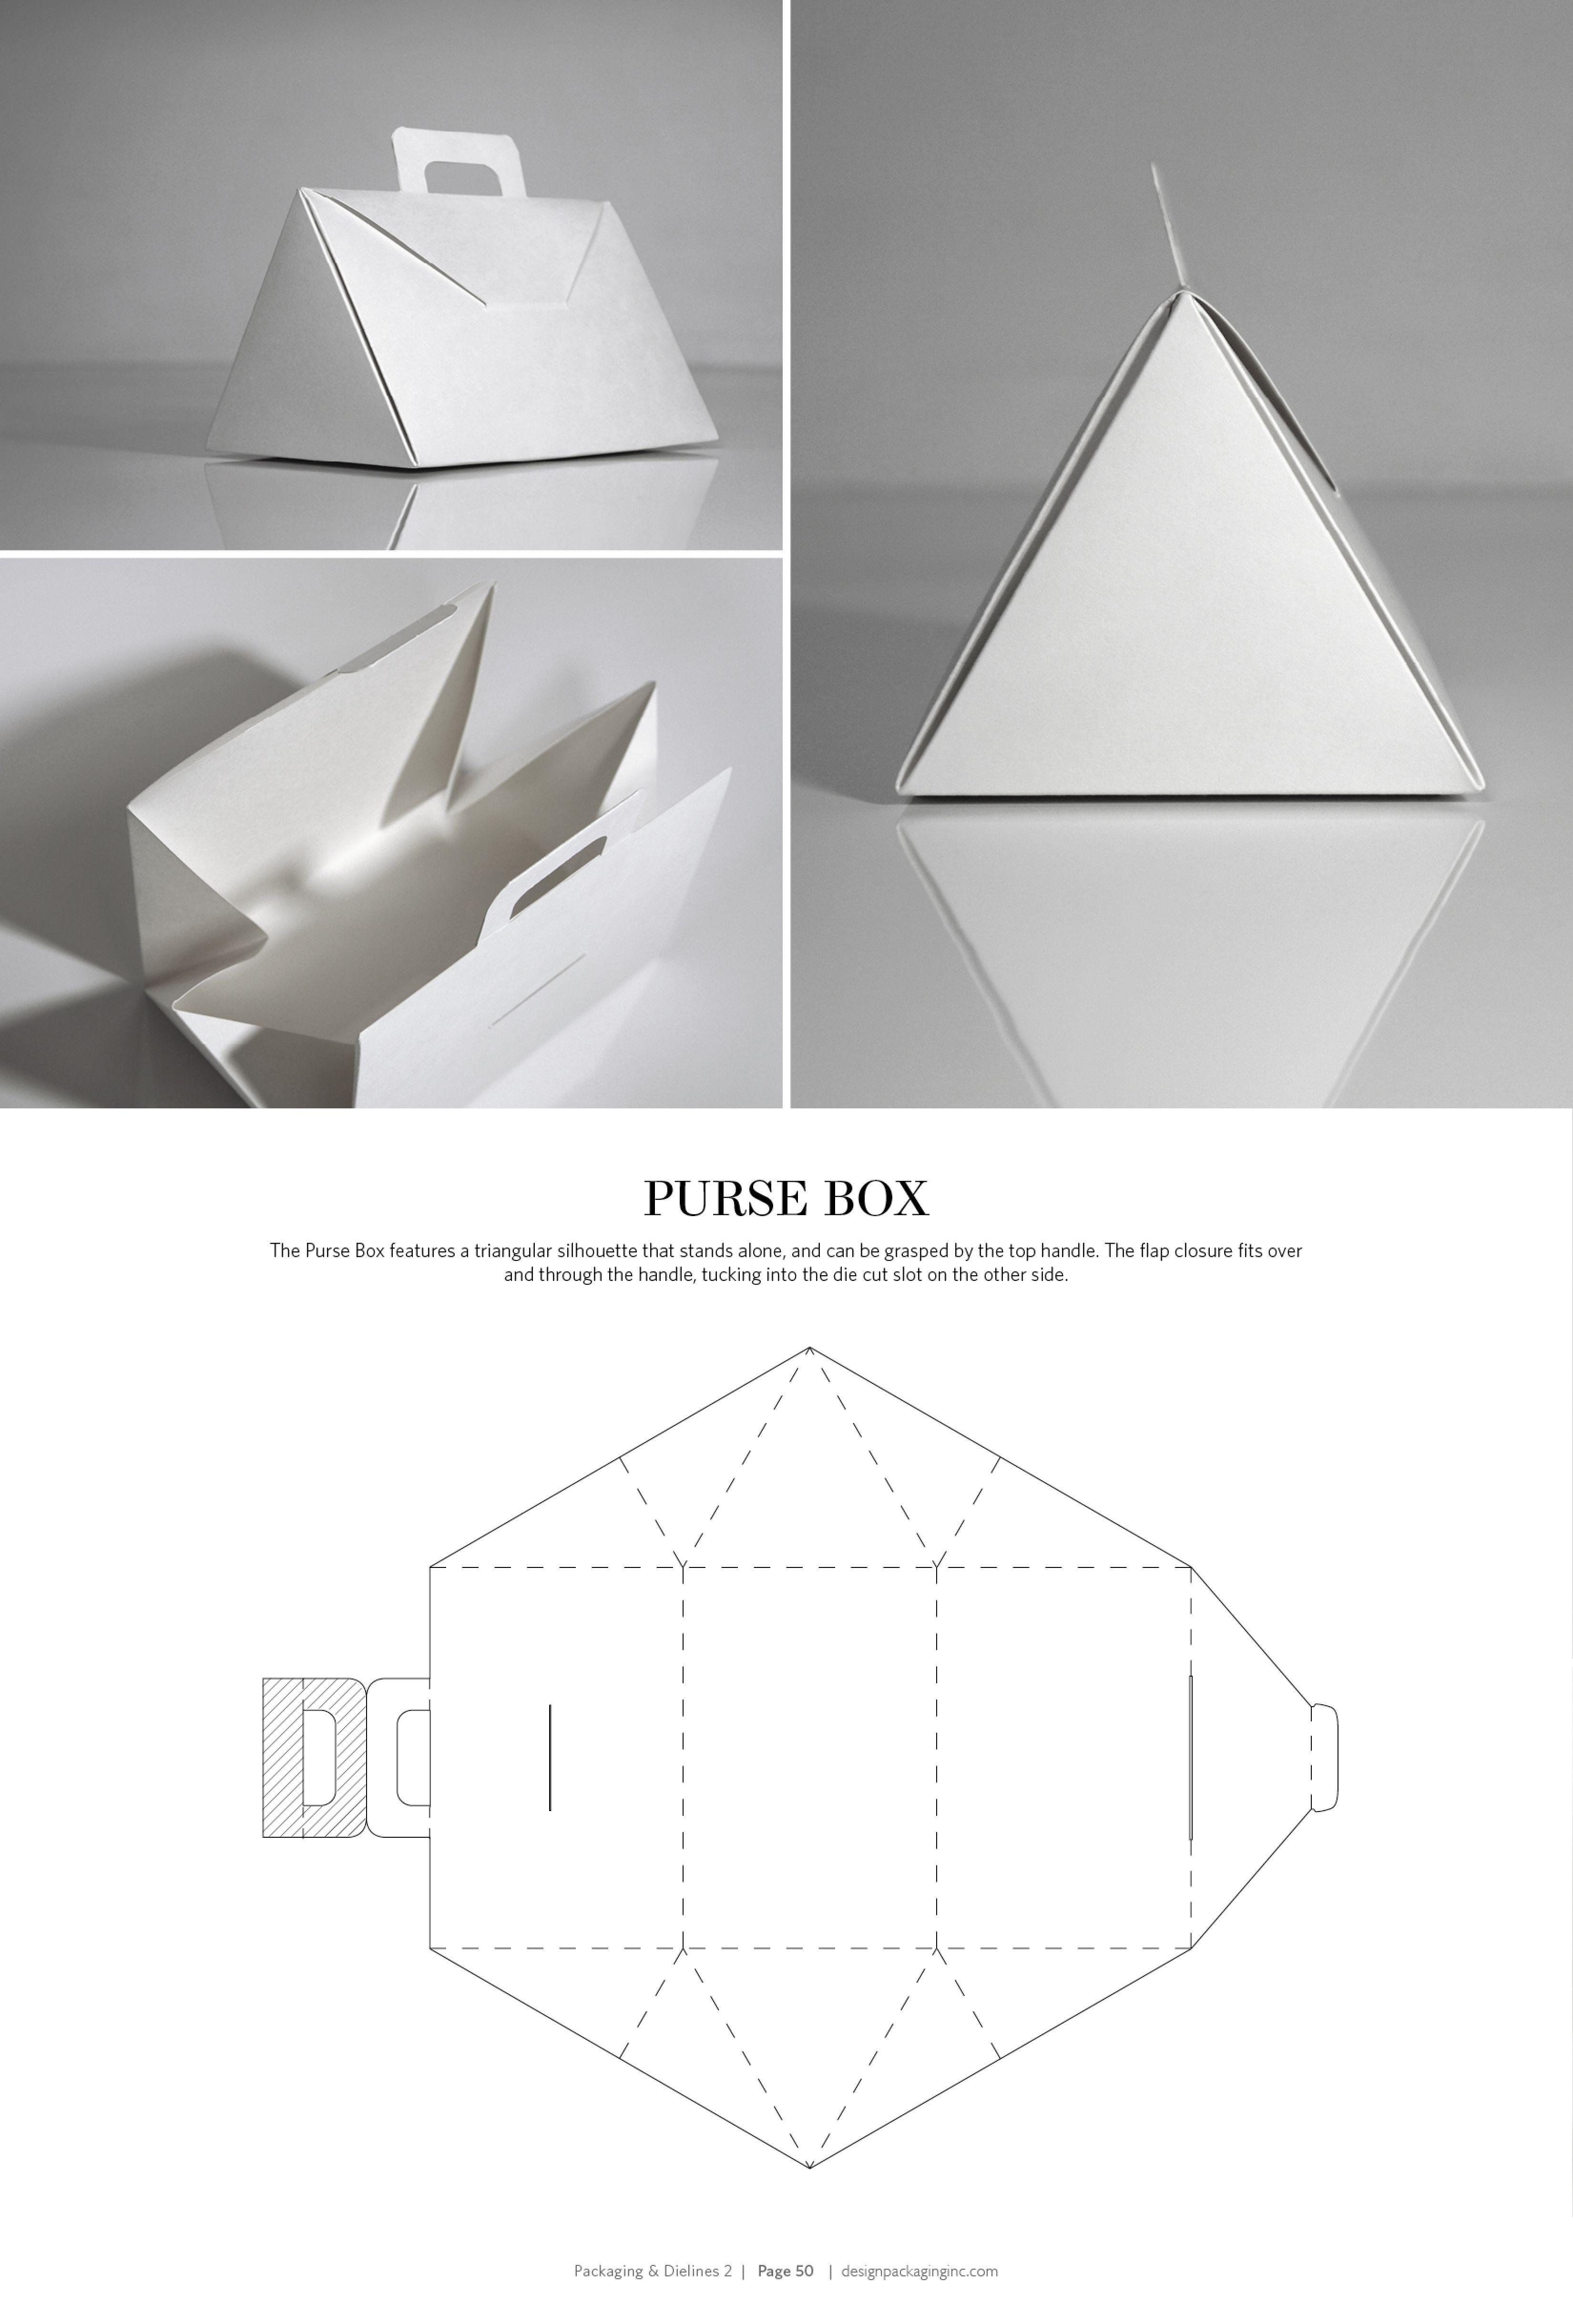 Packaging dielines 2 a free resource kleinigkeiten - Kleinigkeiten basteln ...